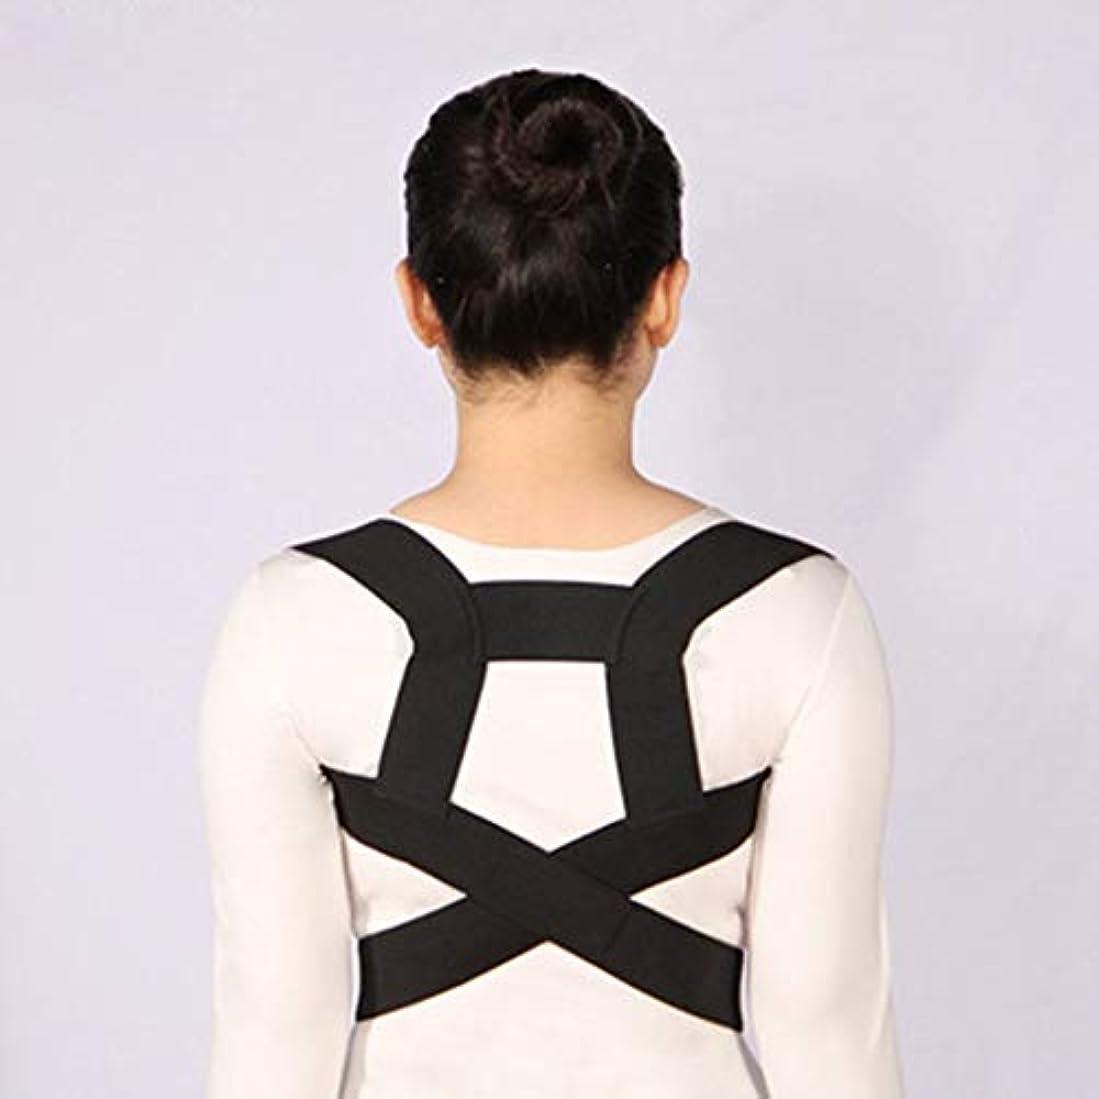 ブロックディスパッチために姿勢矯正側弯症ザトウクジラ補正ベルト調節可能な快適さ目に見えないベルト男性女性大人シンプル - 黒